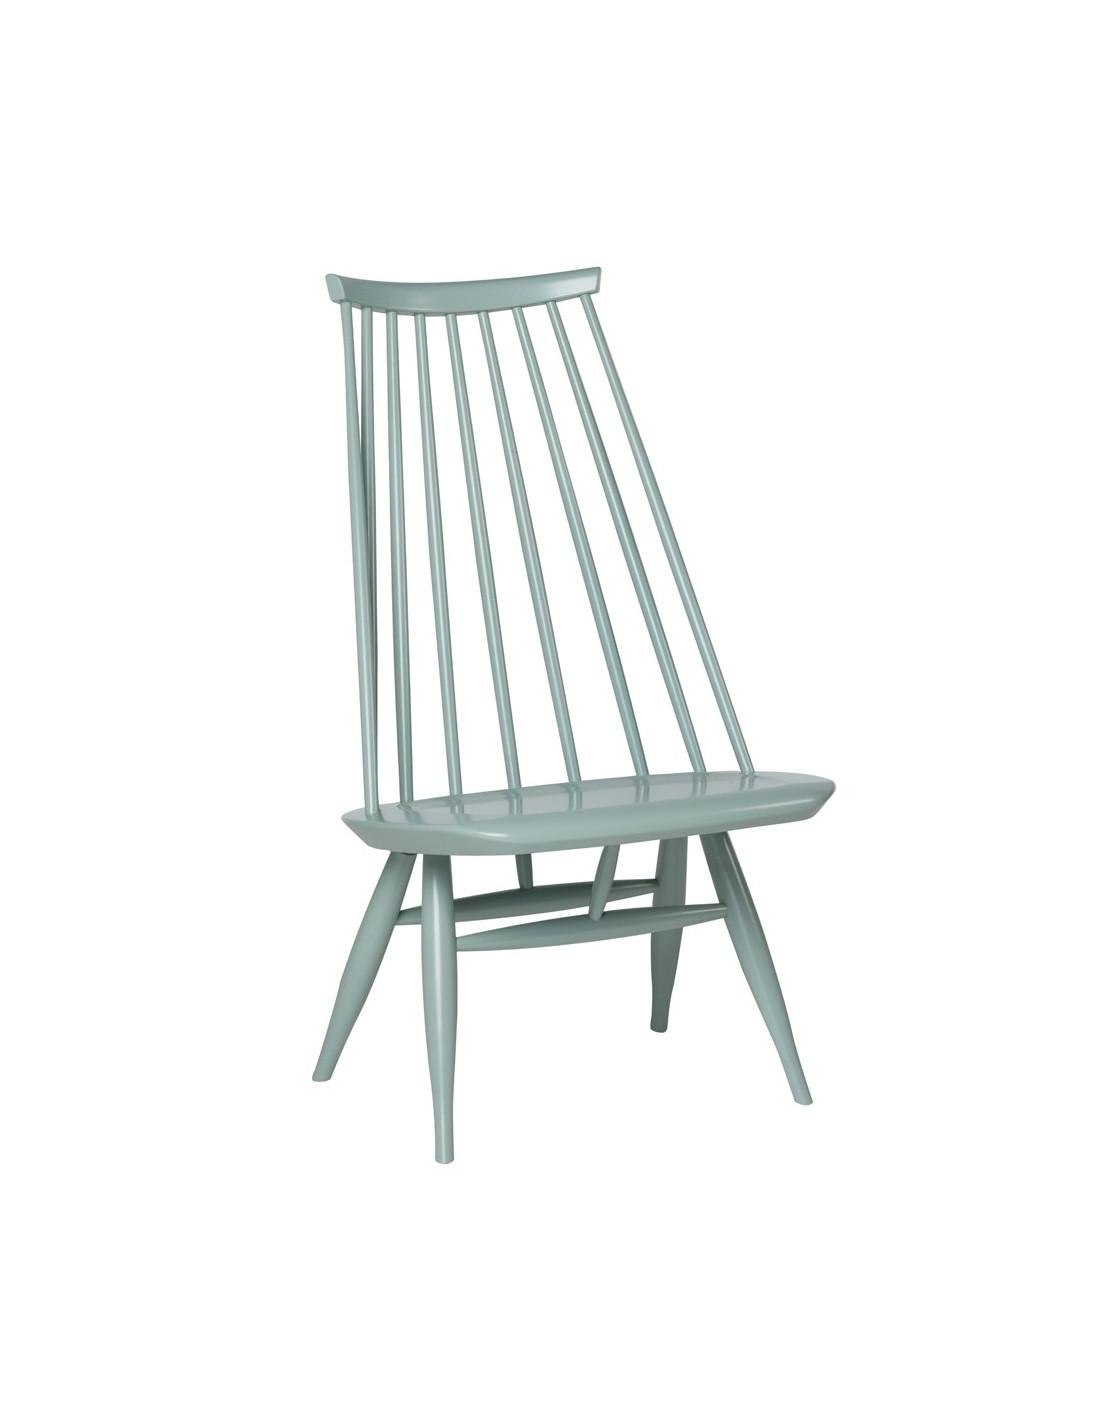 Artek Dress The Chair : Mademoiselle chair by ilmari tapiovaara artek